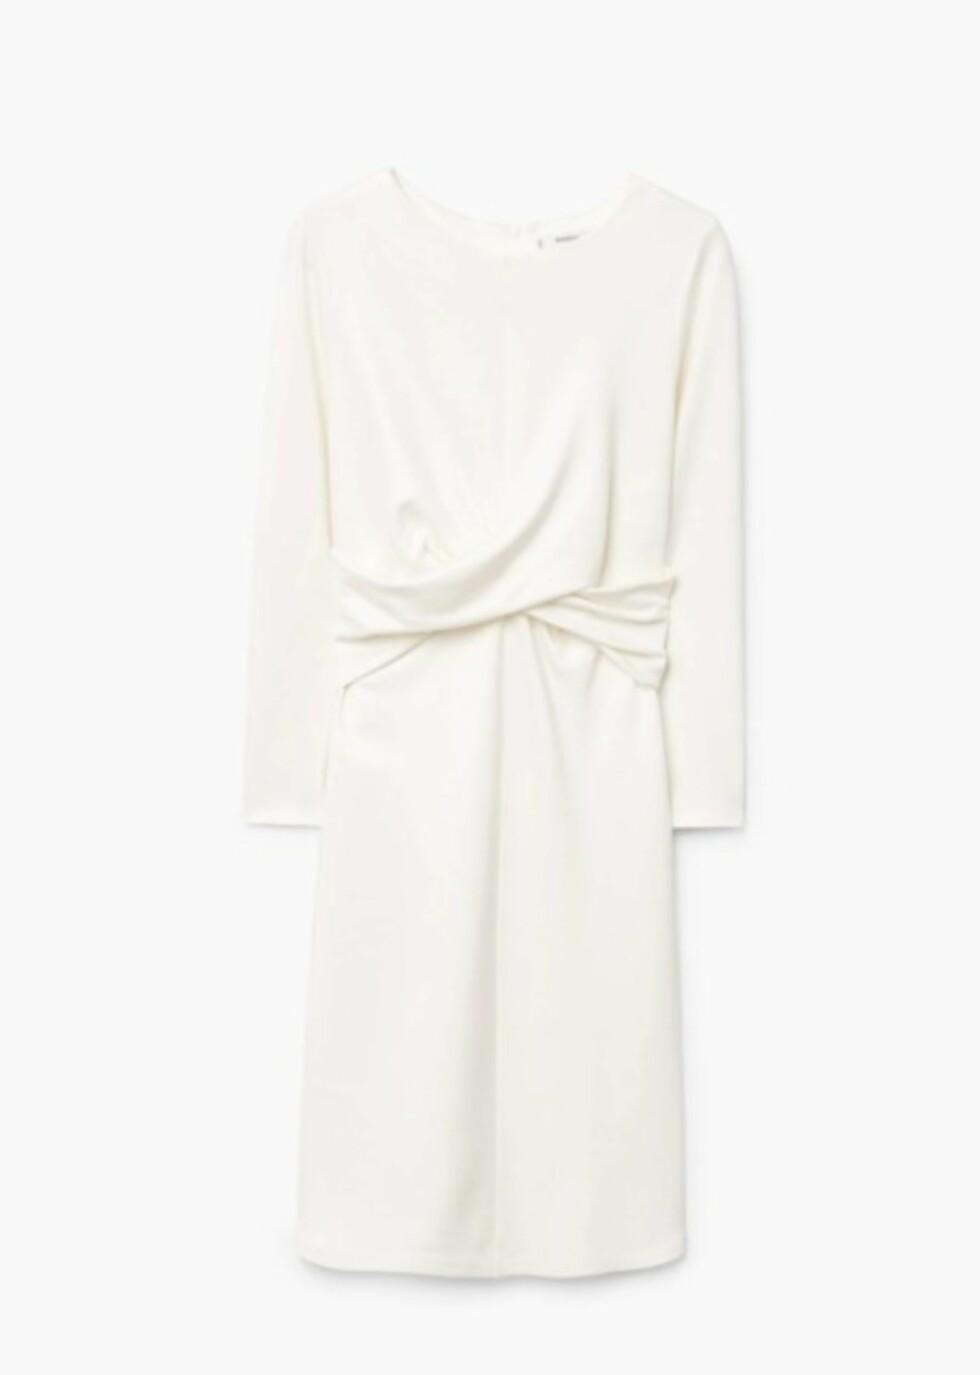 Kjole fra Mango |349,-| https://shop.mango.com/no/damer/kjoler-midi/kjole-med-drapert-detalj_13037686.html?c=02&n=1&s=prendas.familia;32&ts=1511253161245